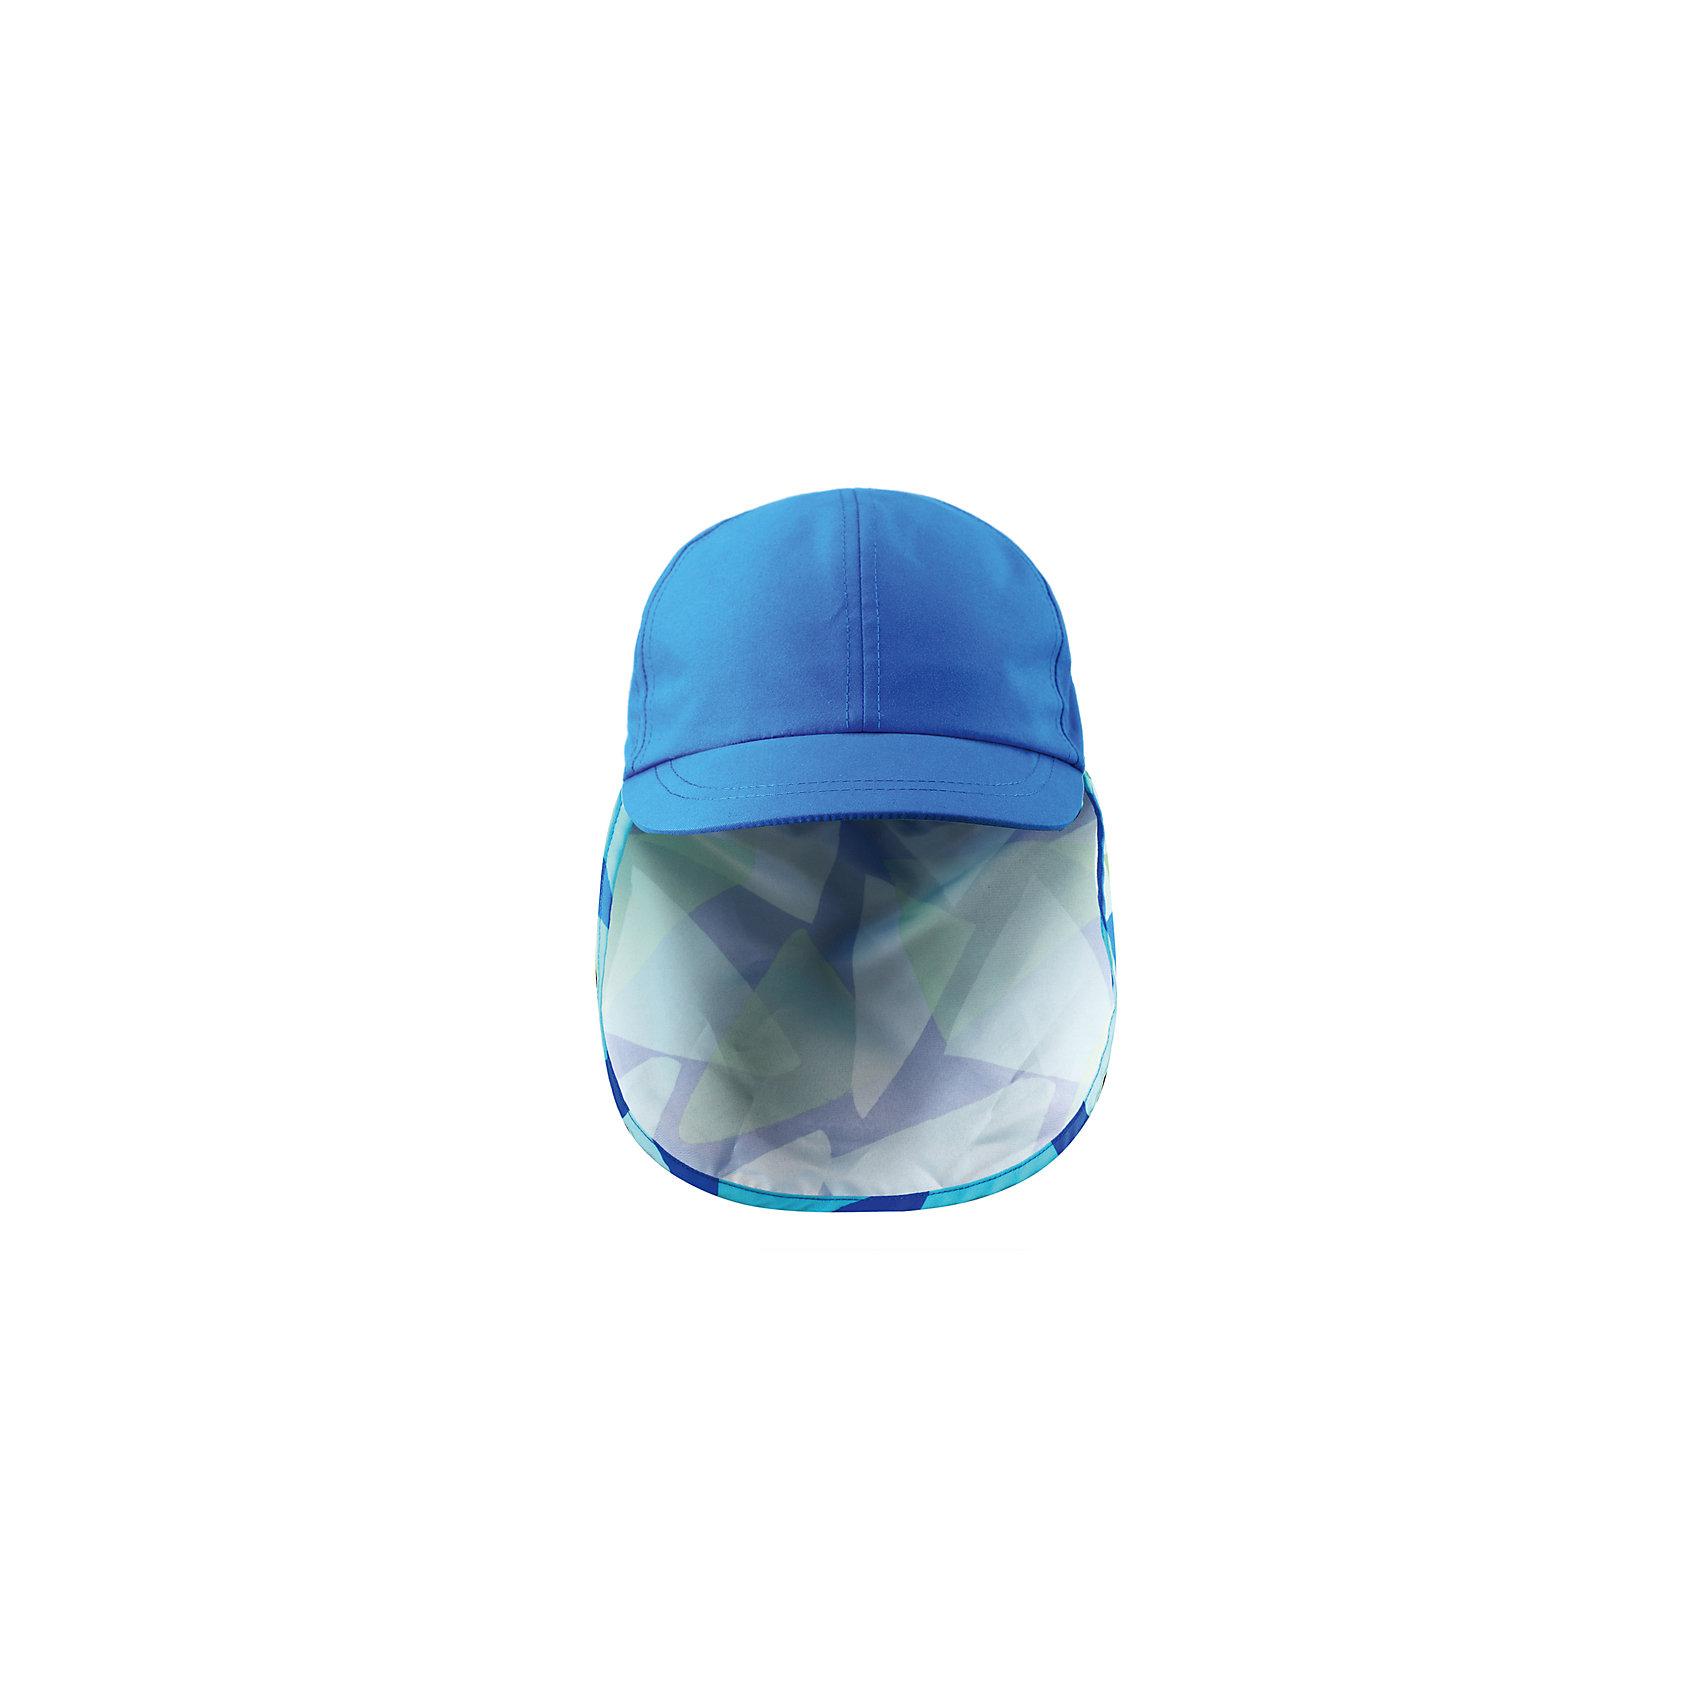 Кепка  ReimaКепка  от финской марки Reima.<br> - Материал непроницаемый для солнечных лучей с коэффициентом защиты от УФ 50+<br>- Удлиненное поле сзади защищает шею<br>-Возможность регулировки сзади<br><br>Состав:<br>100% ПЭ<br><br>Ширина мм: 89<br>Глубина мм: 117<br>Высота мм: 44<br>Вес г: 155<br>Цвет: голубой<br>Возраст от месяцев: 48<br>Возраст до месяцев: 60<br>Пол: Мужской<br>Возраст: Детский<br>Размер: 52,48,50,46,56,54<br>SKU: 4031867